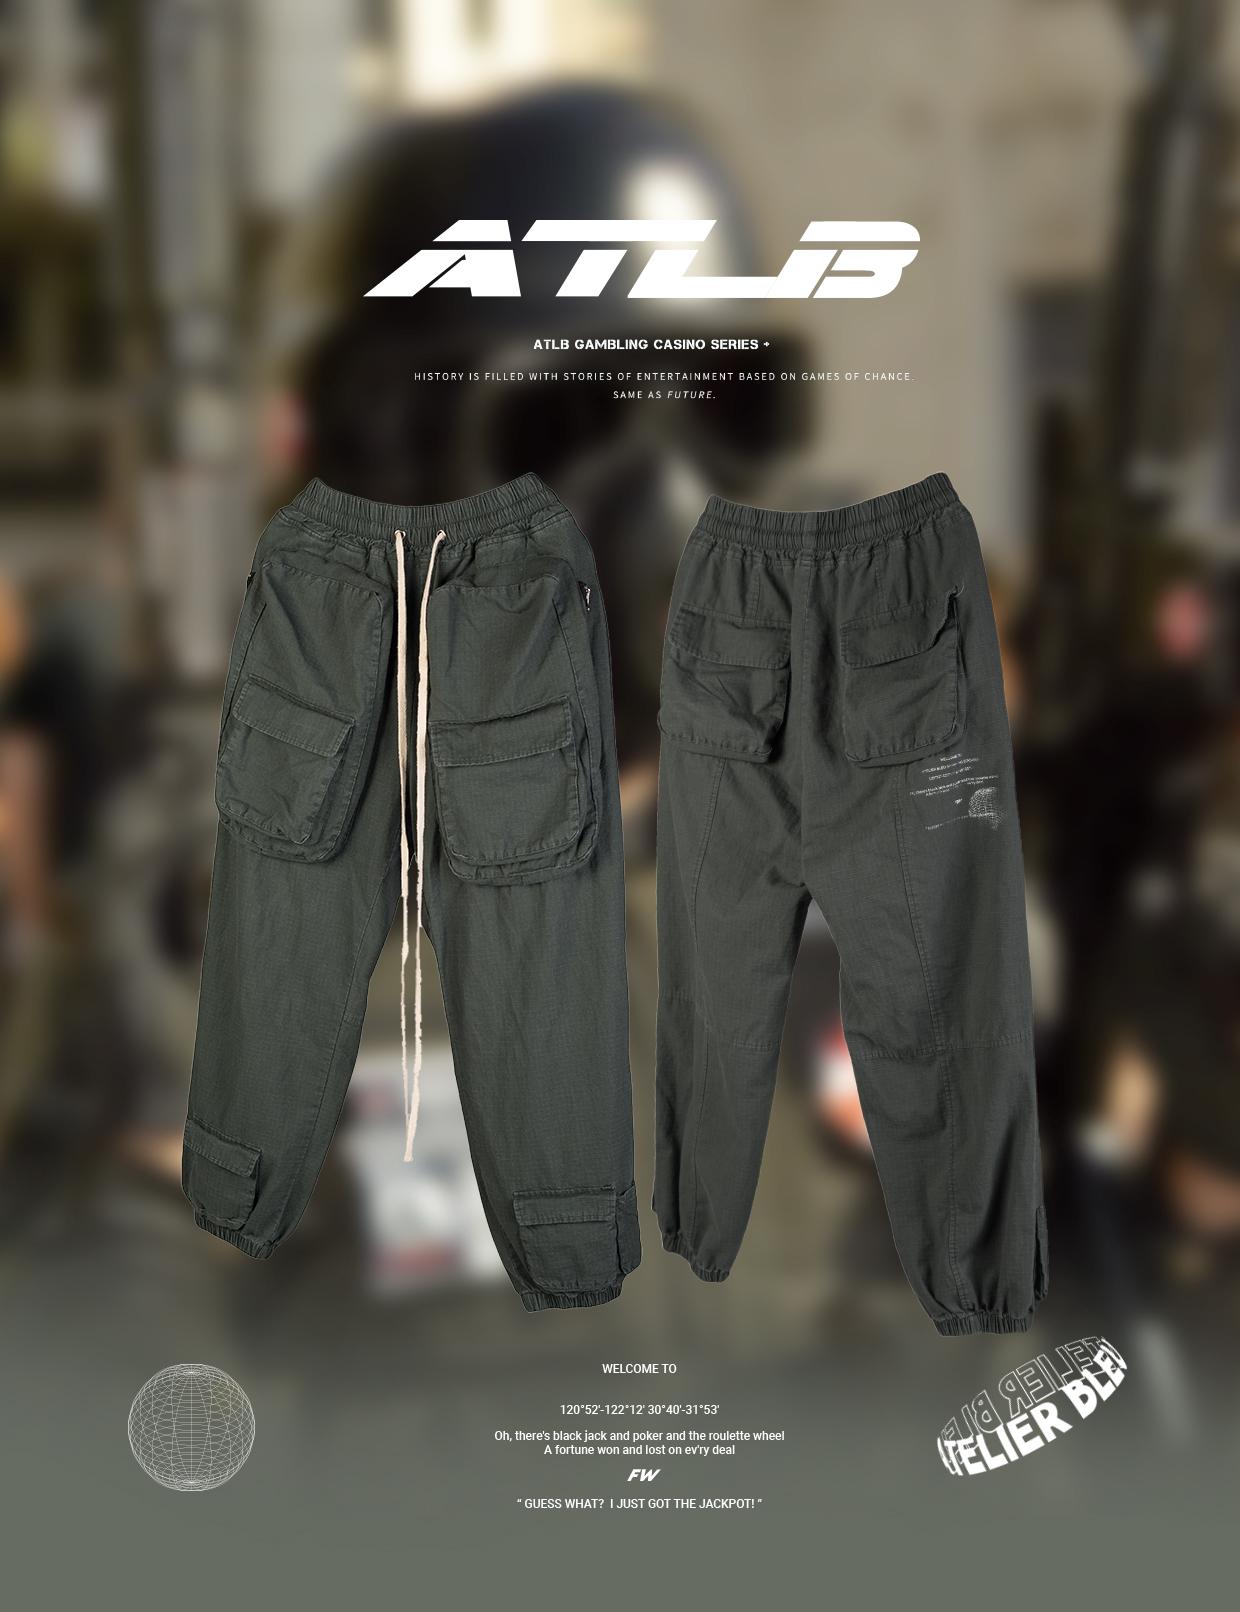 ATLB官方 潮牌春夏款战术多口袋工装军裤男女嘻哈宽松洗水长裤